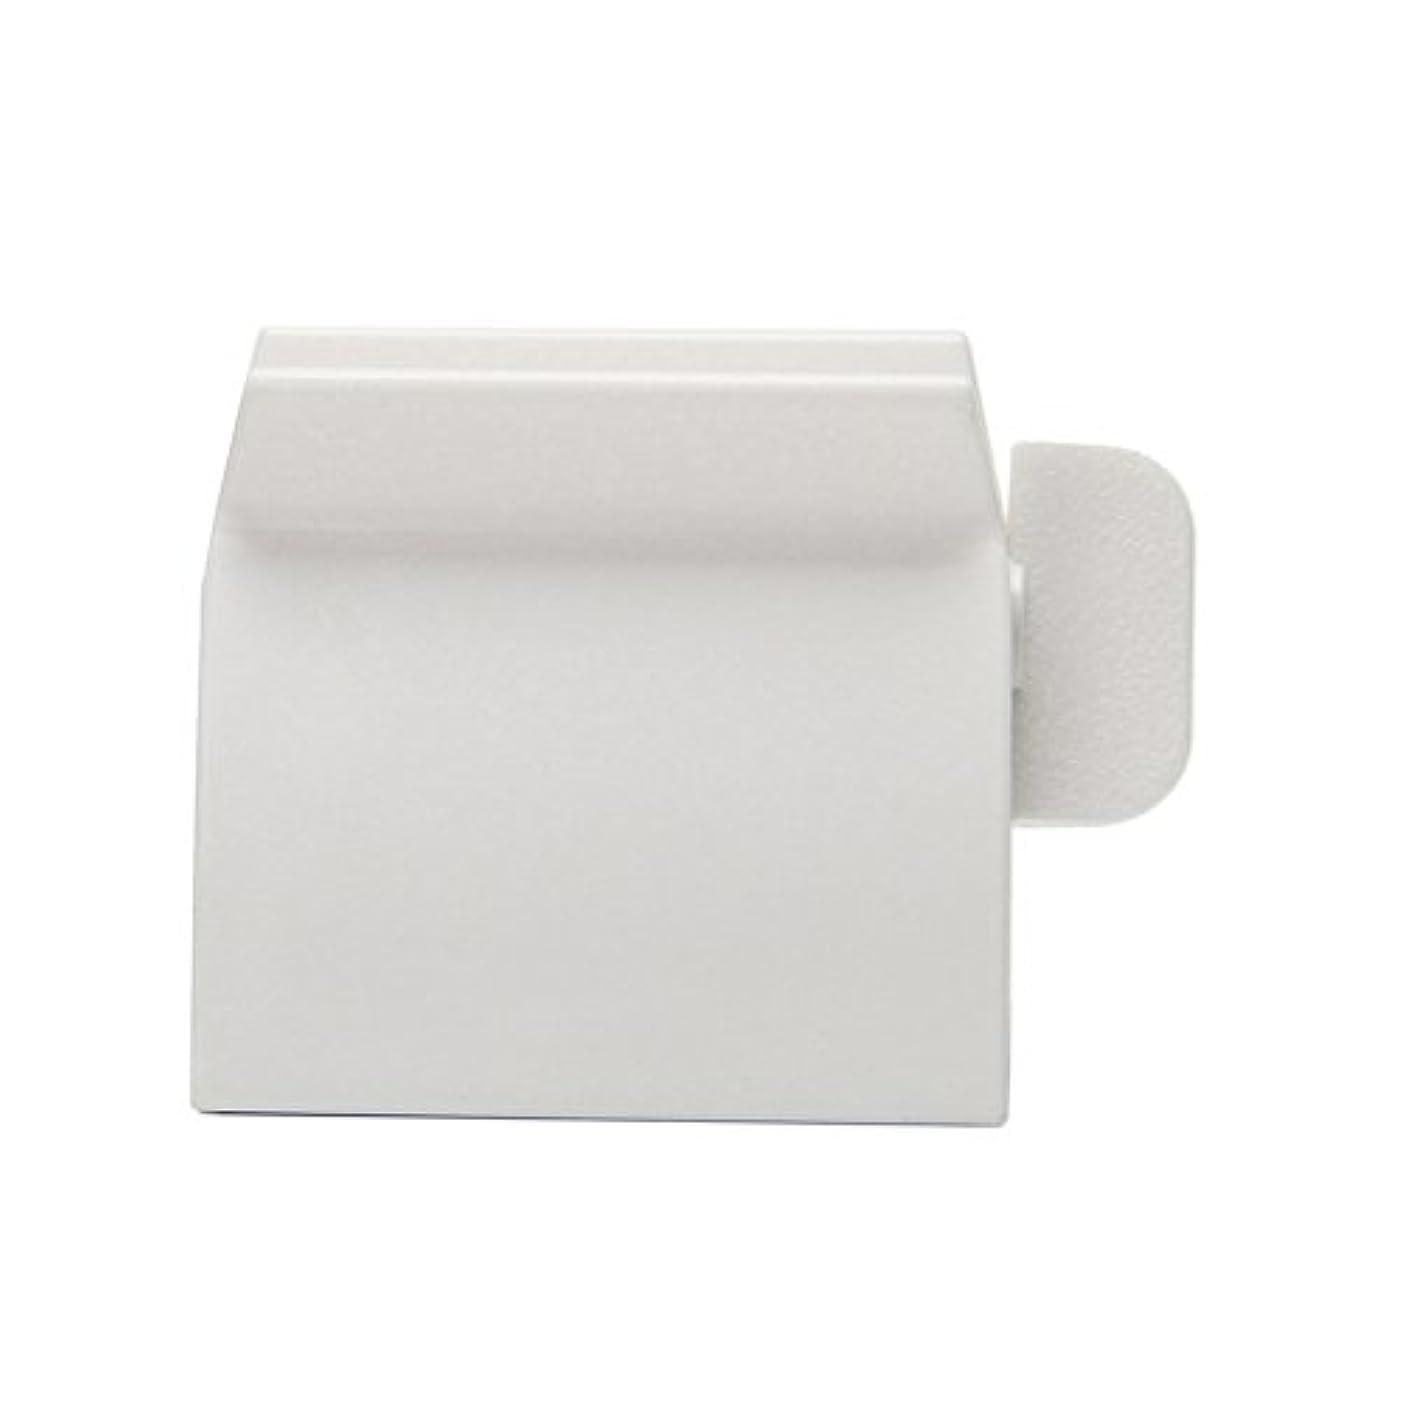 エゴイズム混乱した関連付けるLamdoo浴室ホームチューブローリングホルダースクイーザ簡単歯磨き粉ディスペンサー